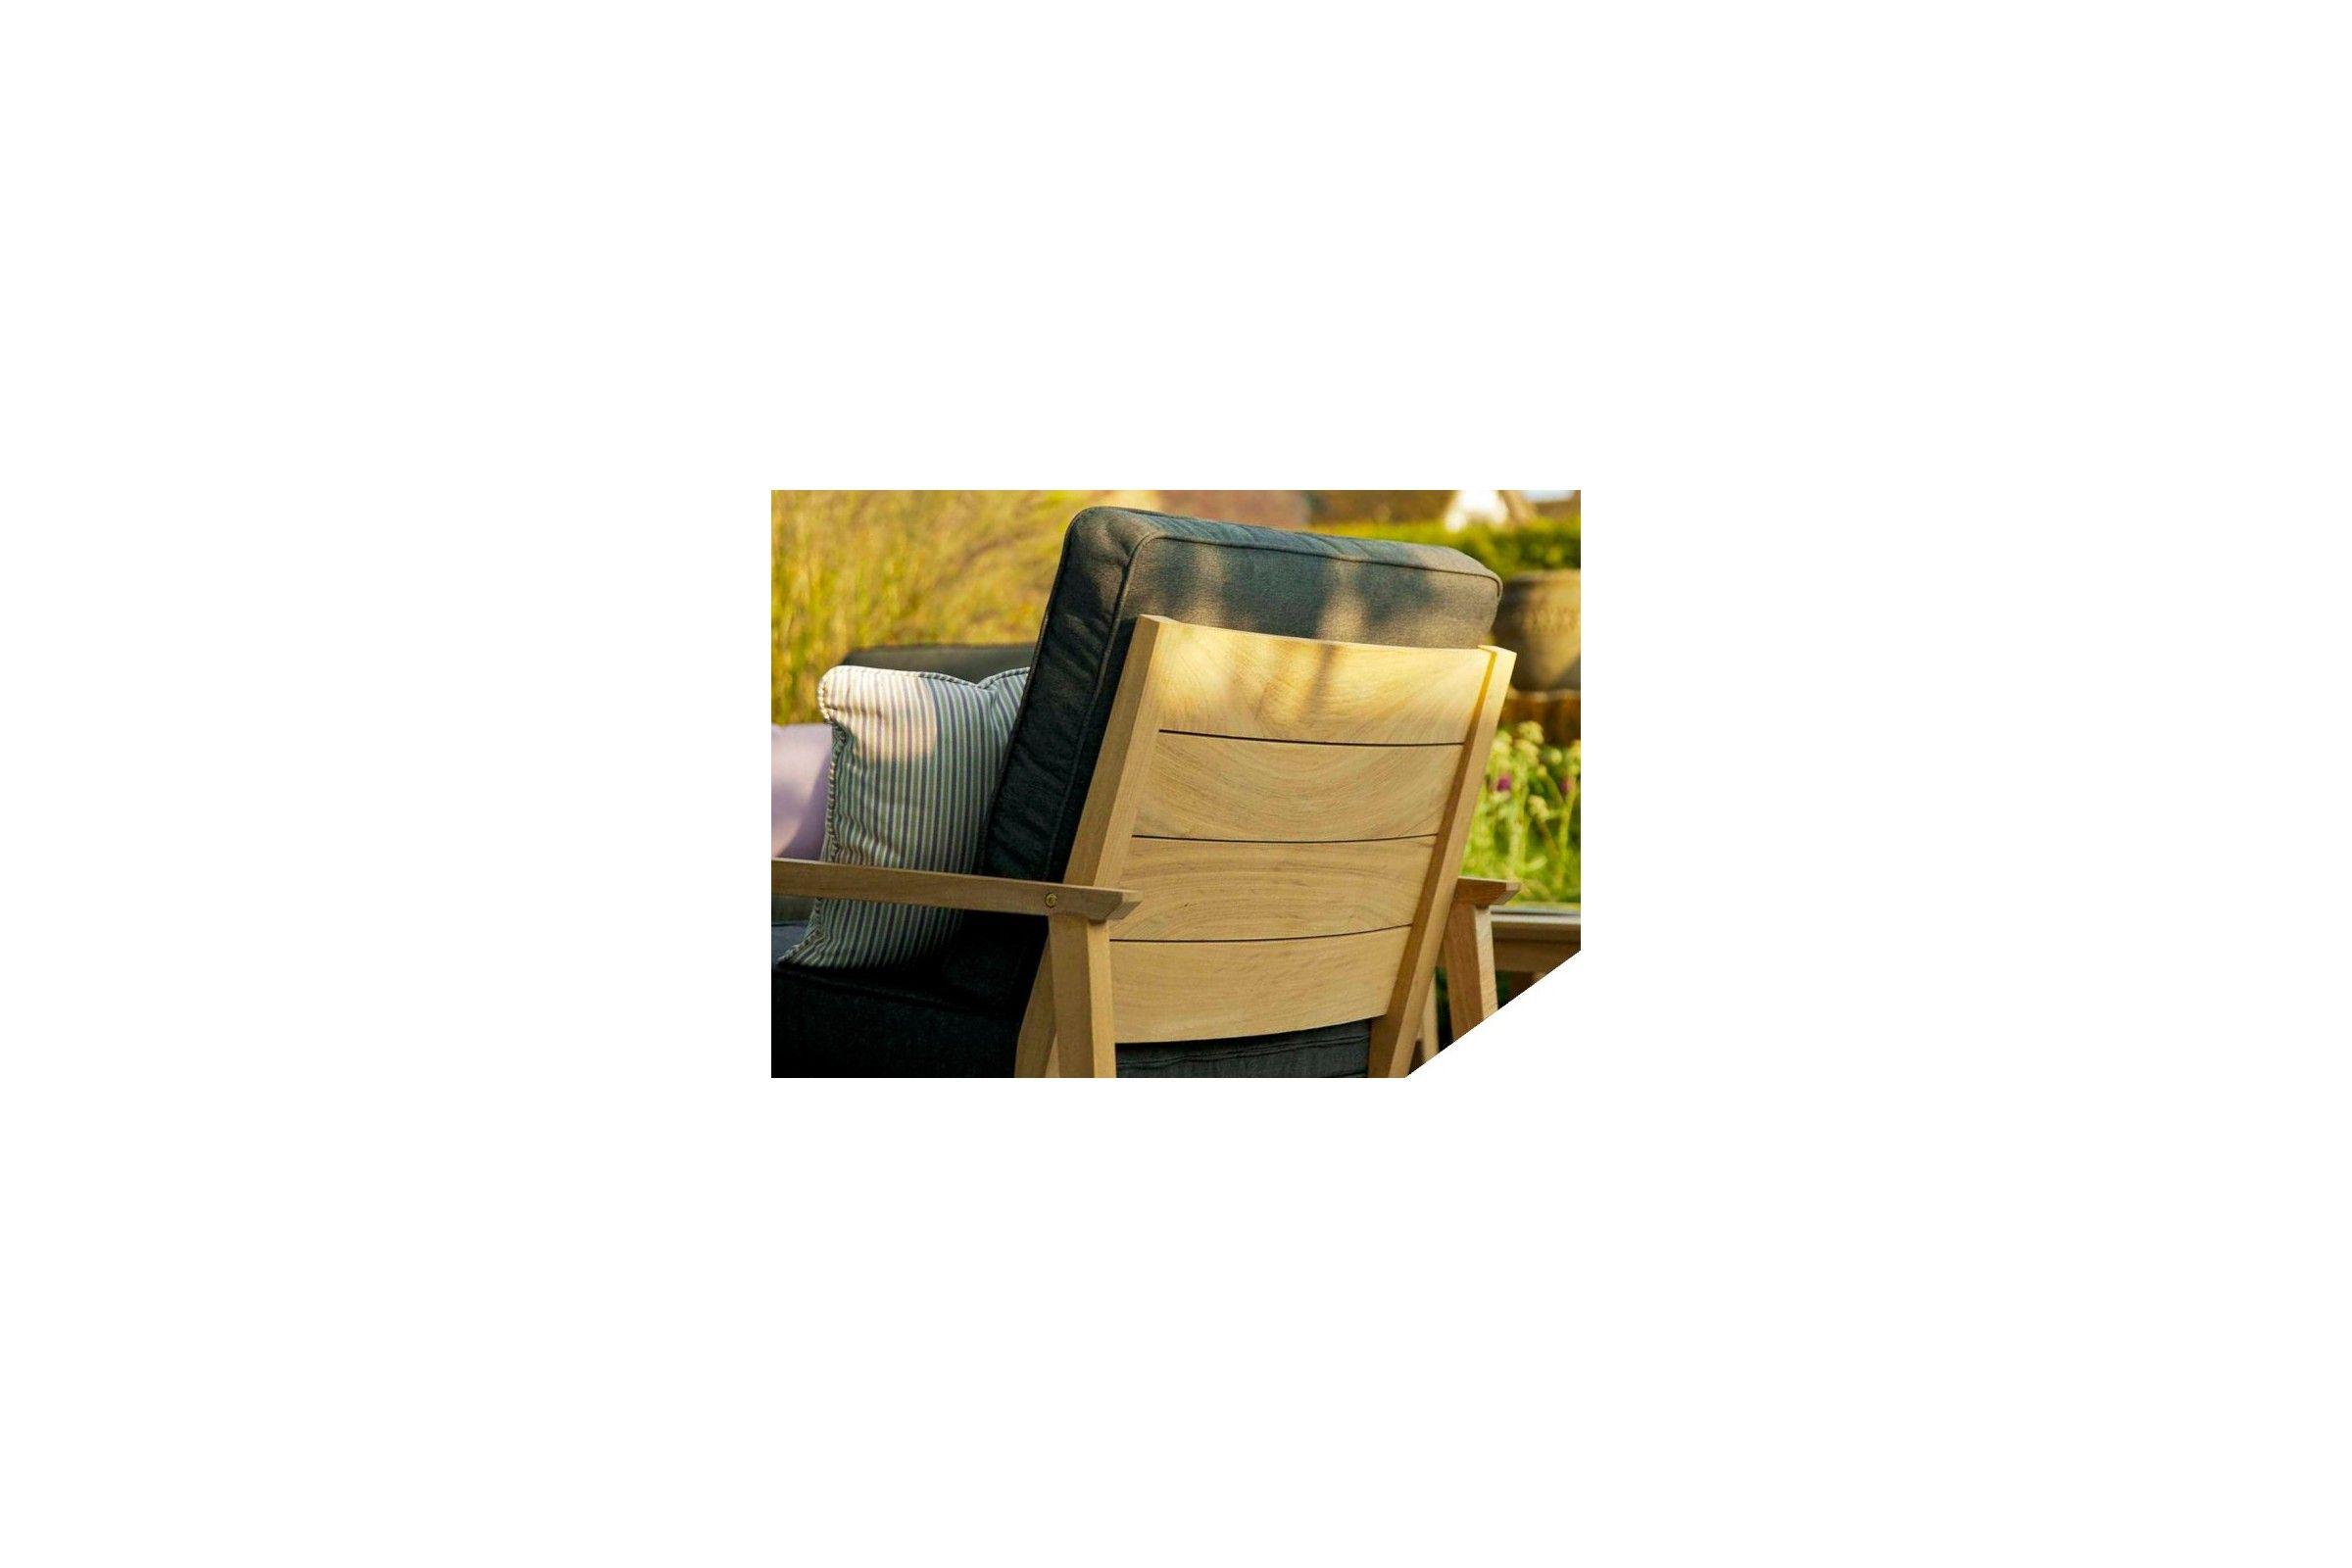 Salon De Jardin En Resine Tressee Castorama :  de jardin en teck > Fauteuil de salon de jardin en bois avec coussin